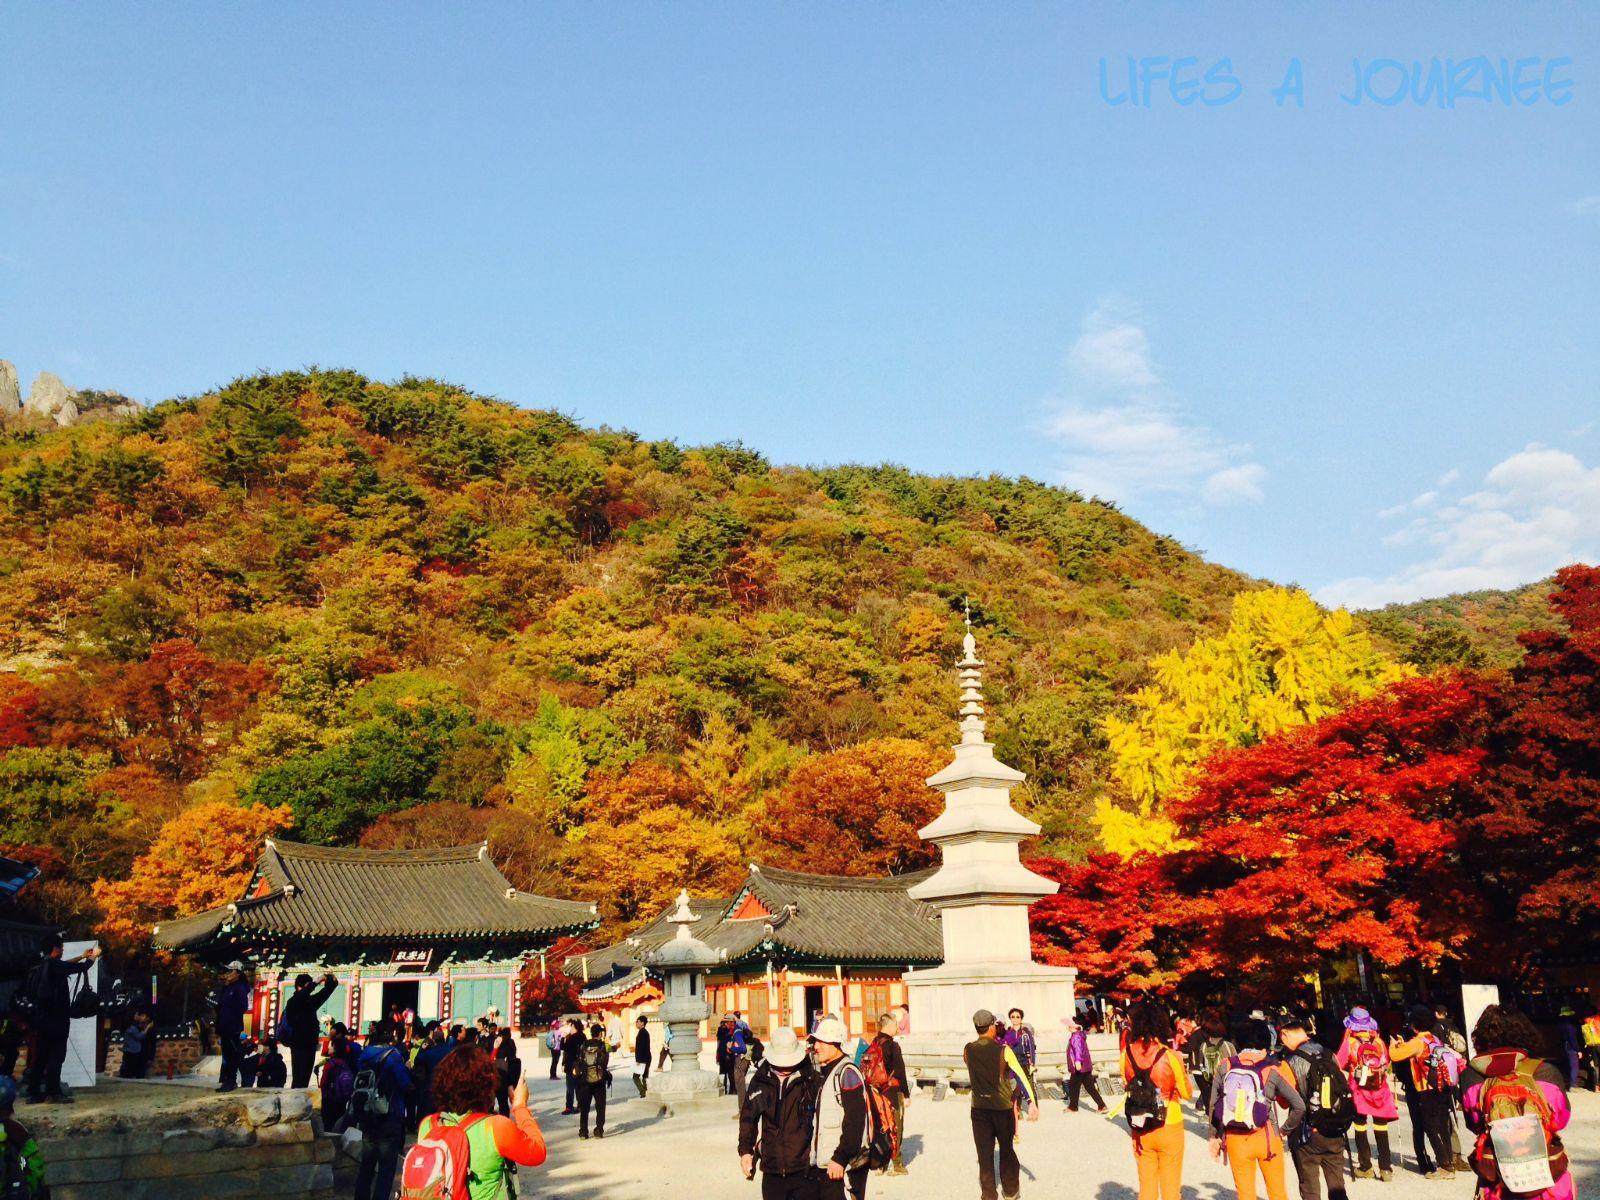 Cẩm nang du lịch Hàn Quốc